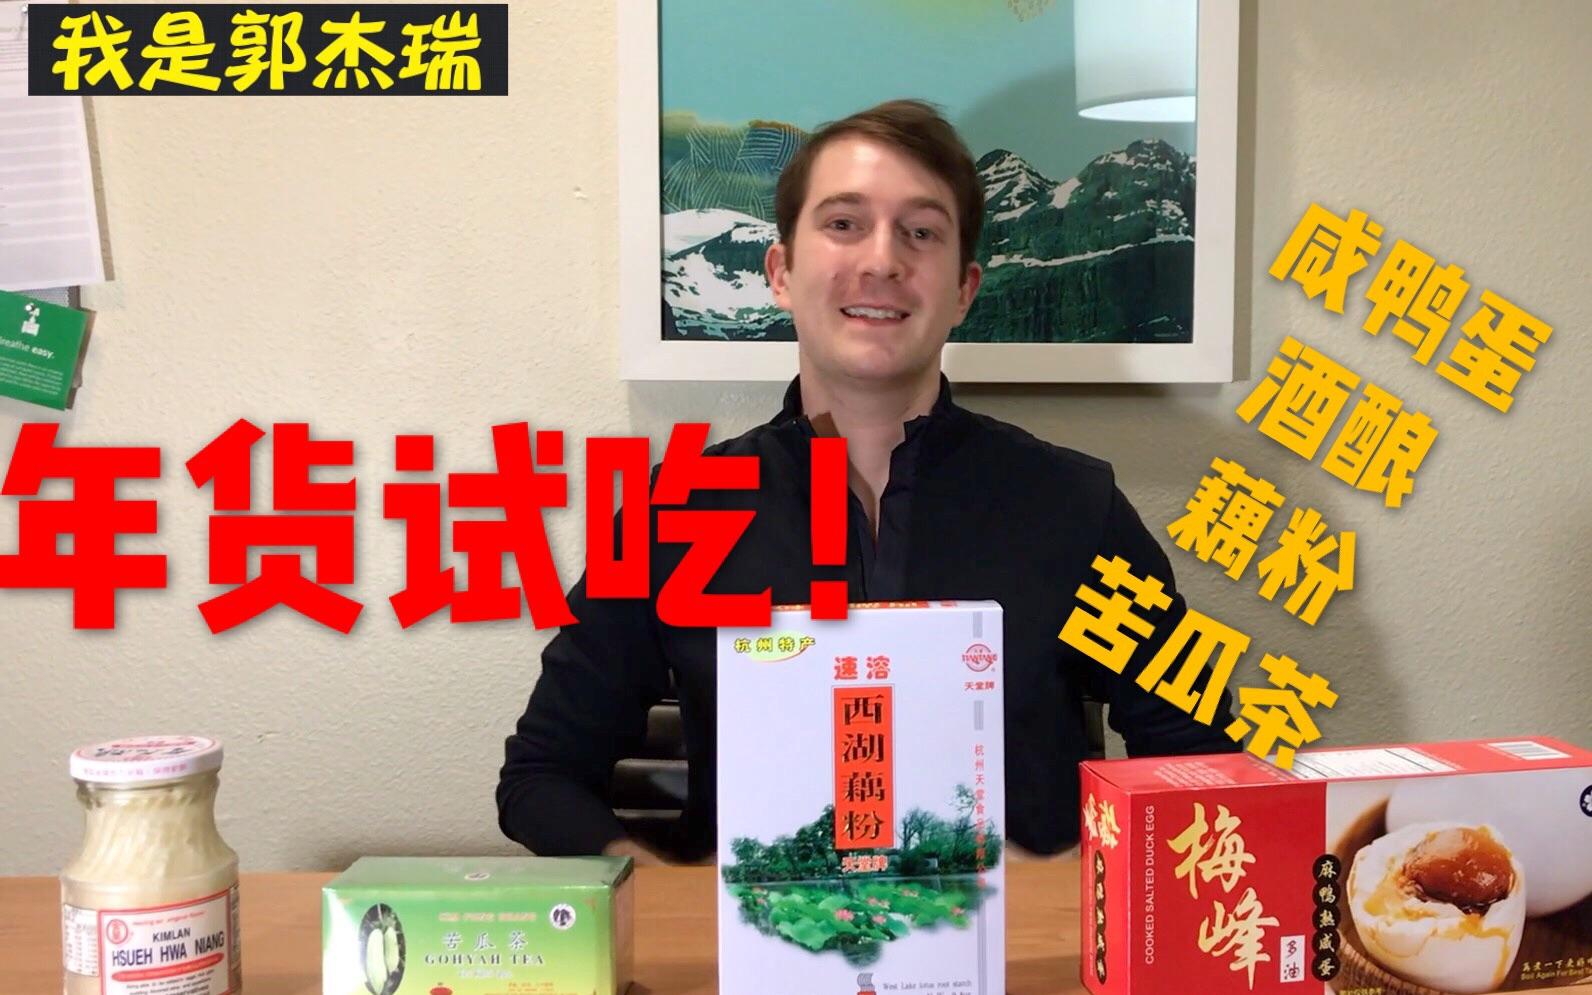 试吃中国年货,第一次吃咸鸭蛋/藕粉/酒酿!